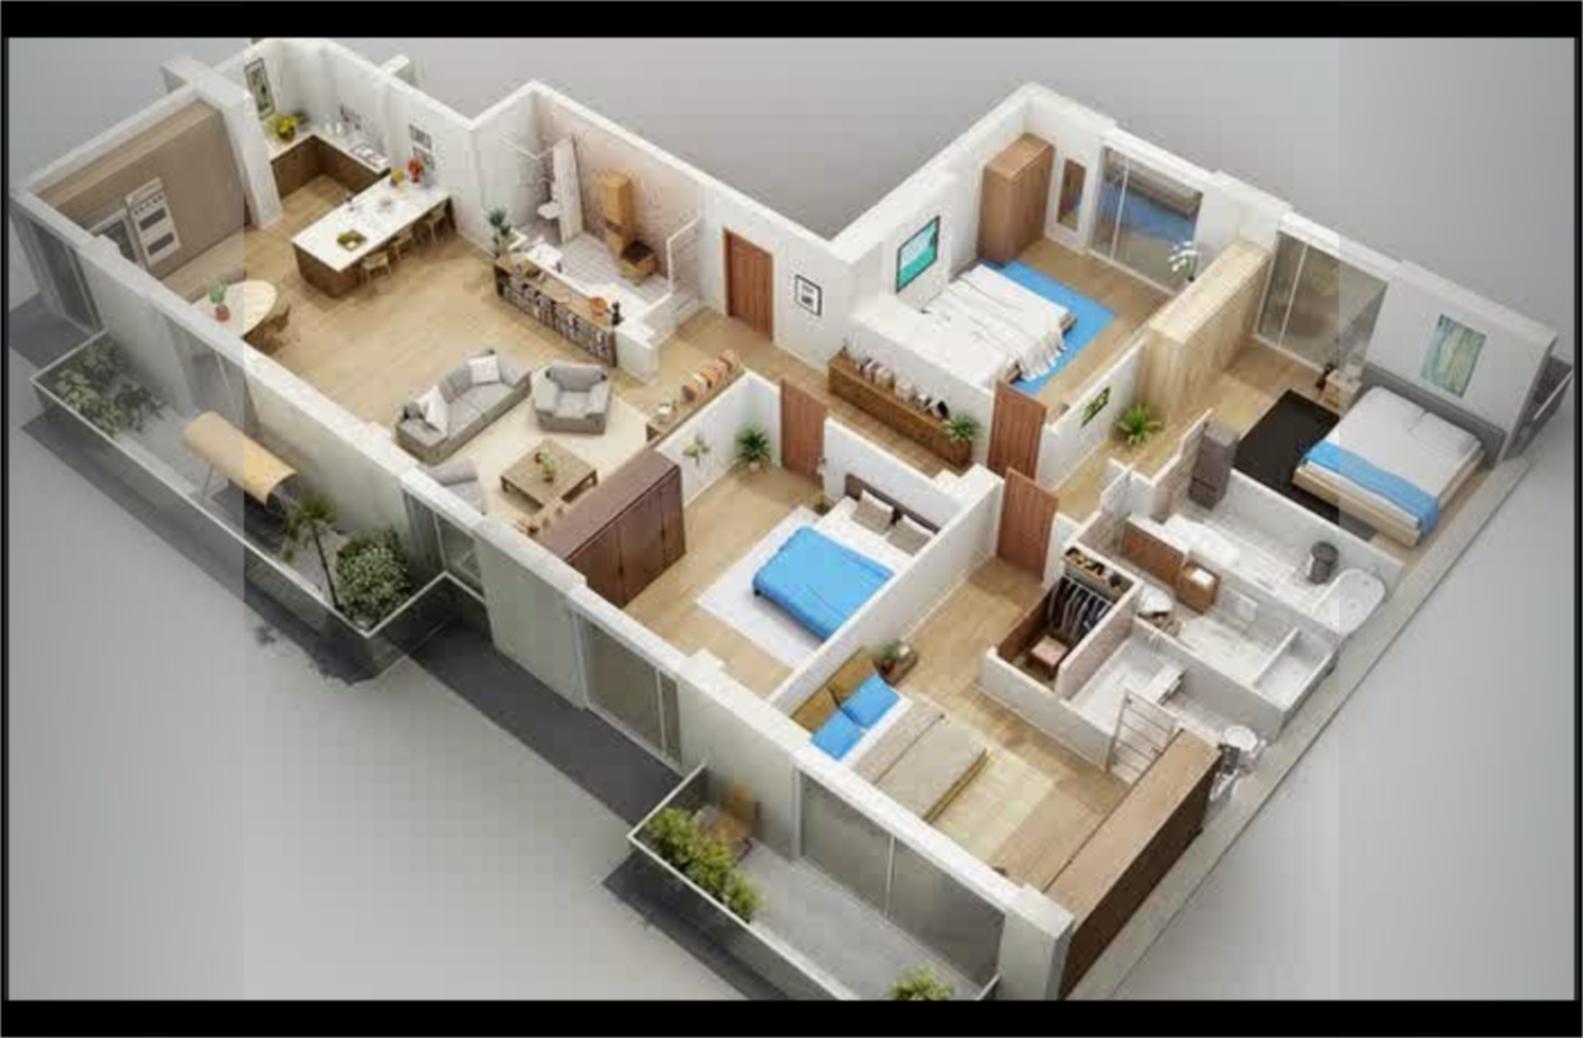 69 Desain Rumah Minimalis Bentuk L